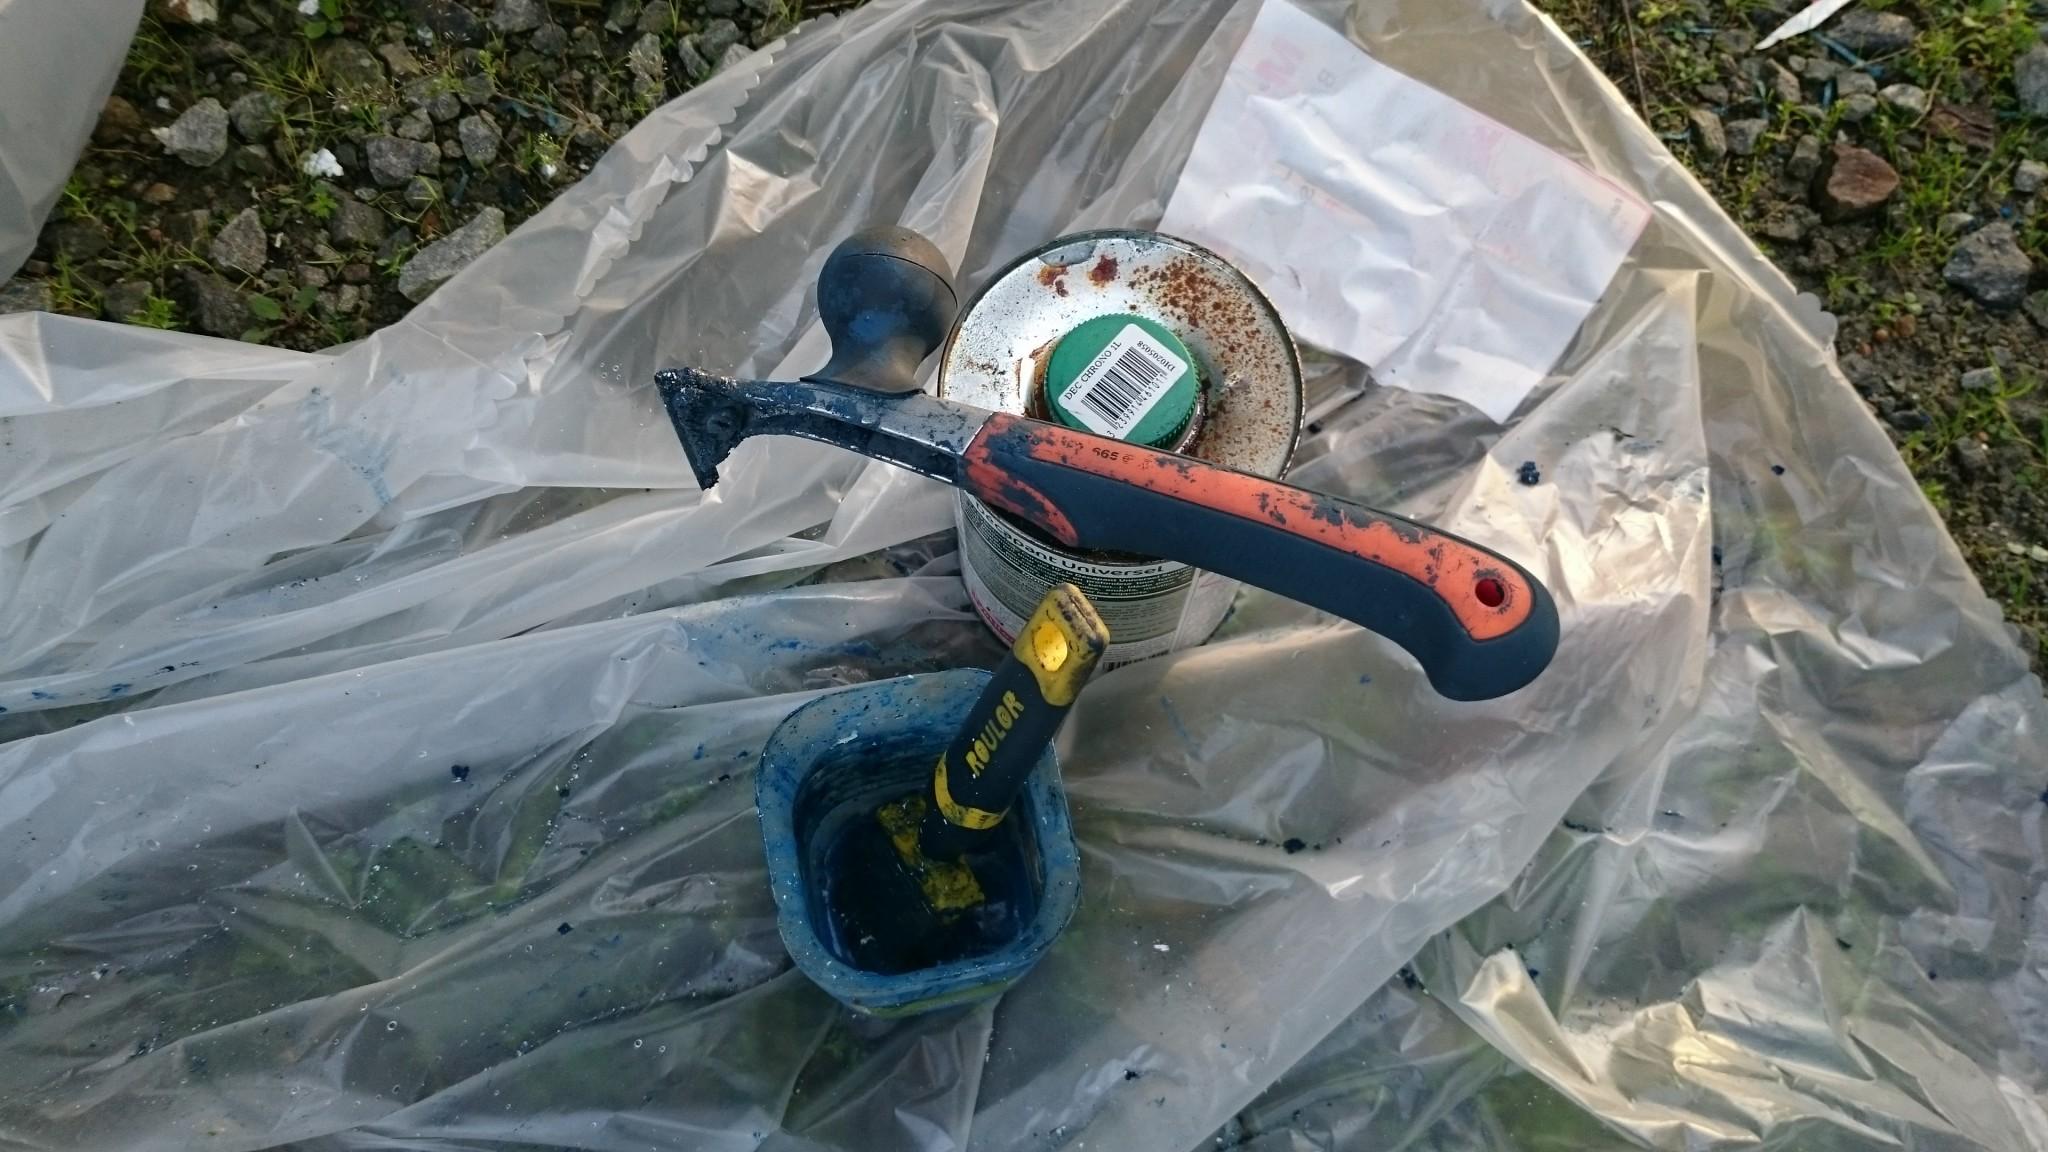 Les beaux outils